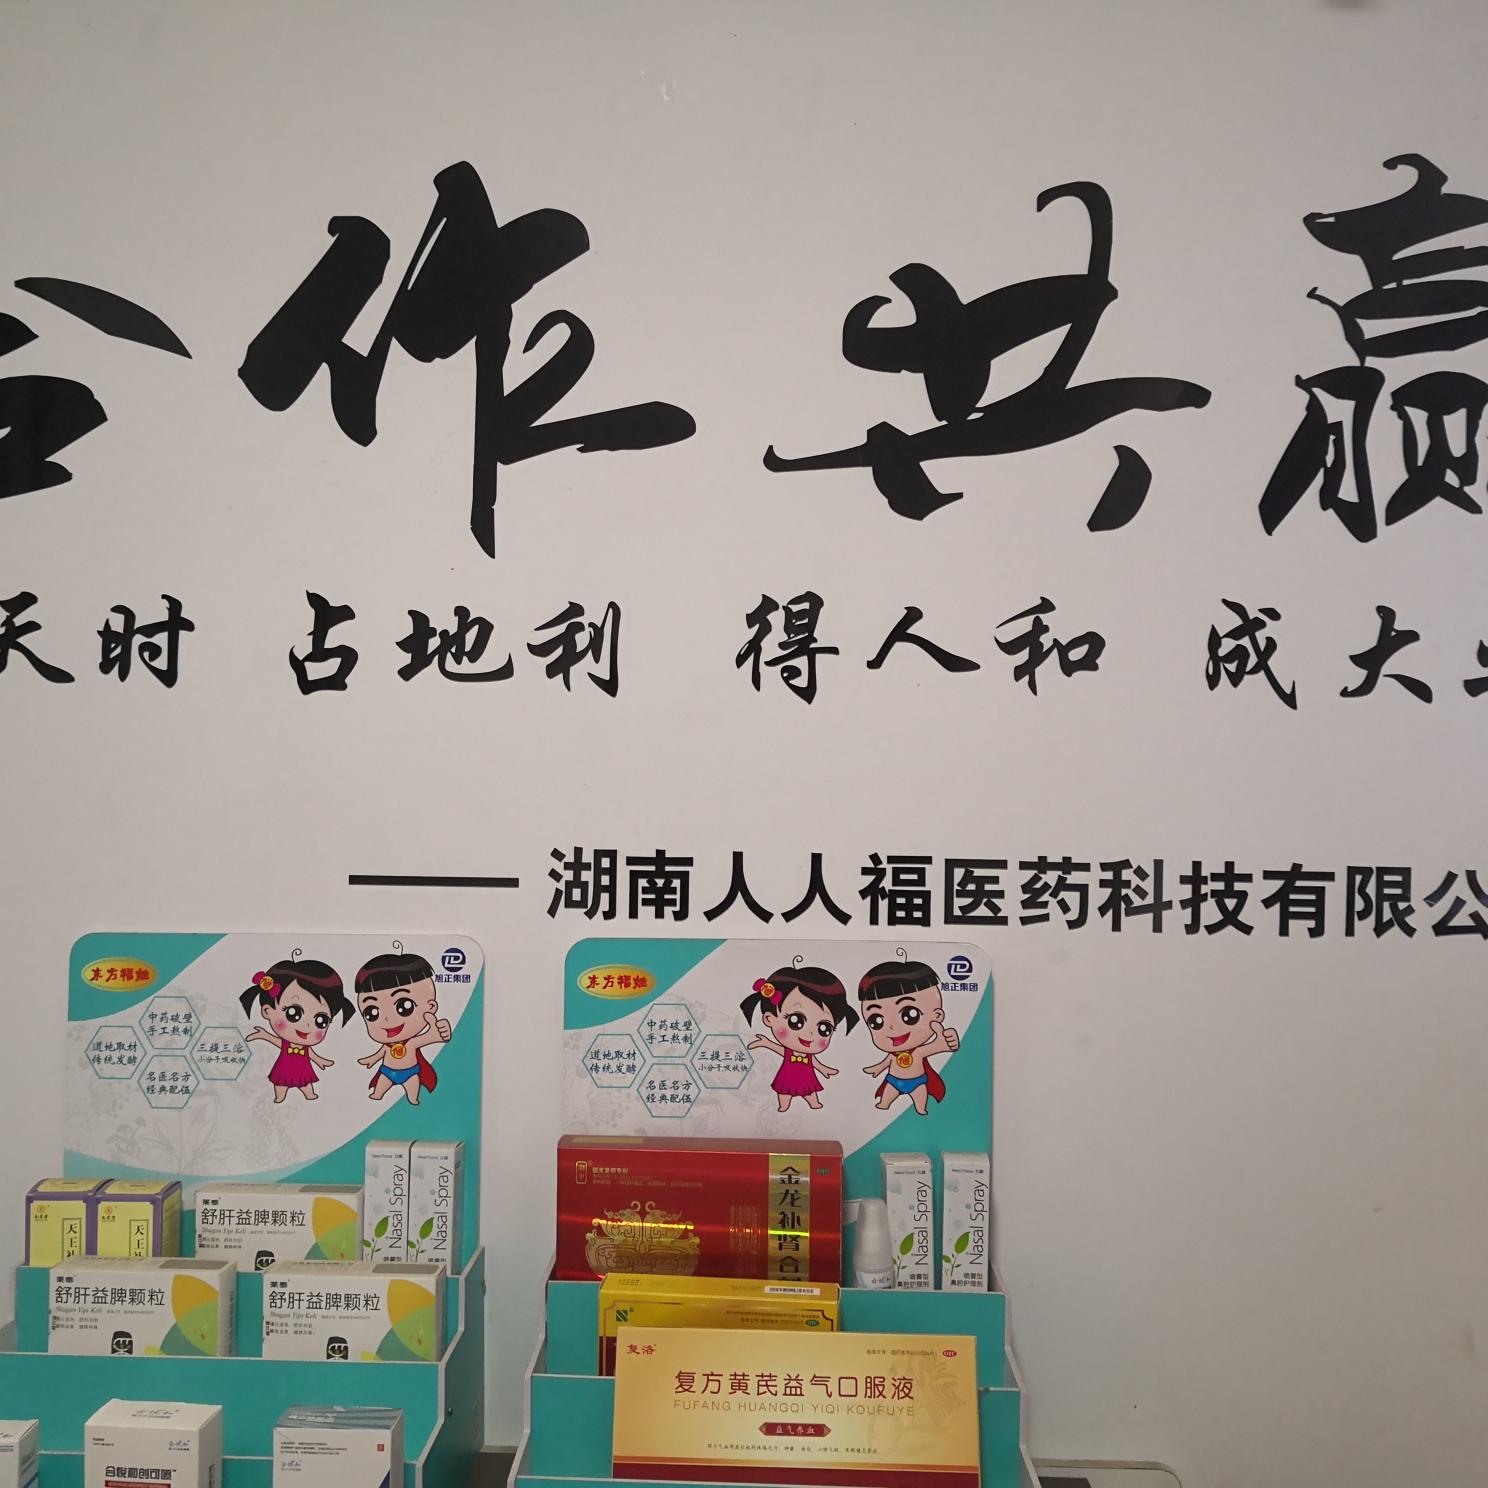 湖南人人福醫藥科技有限公司